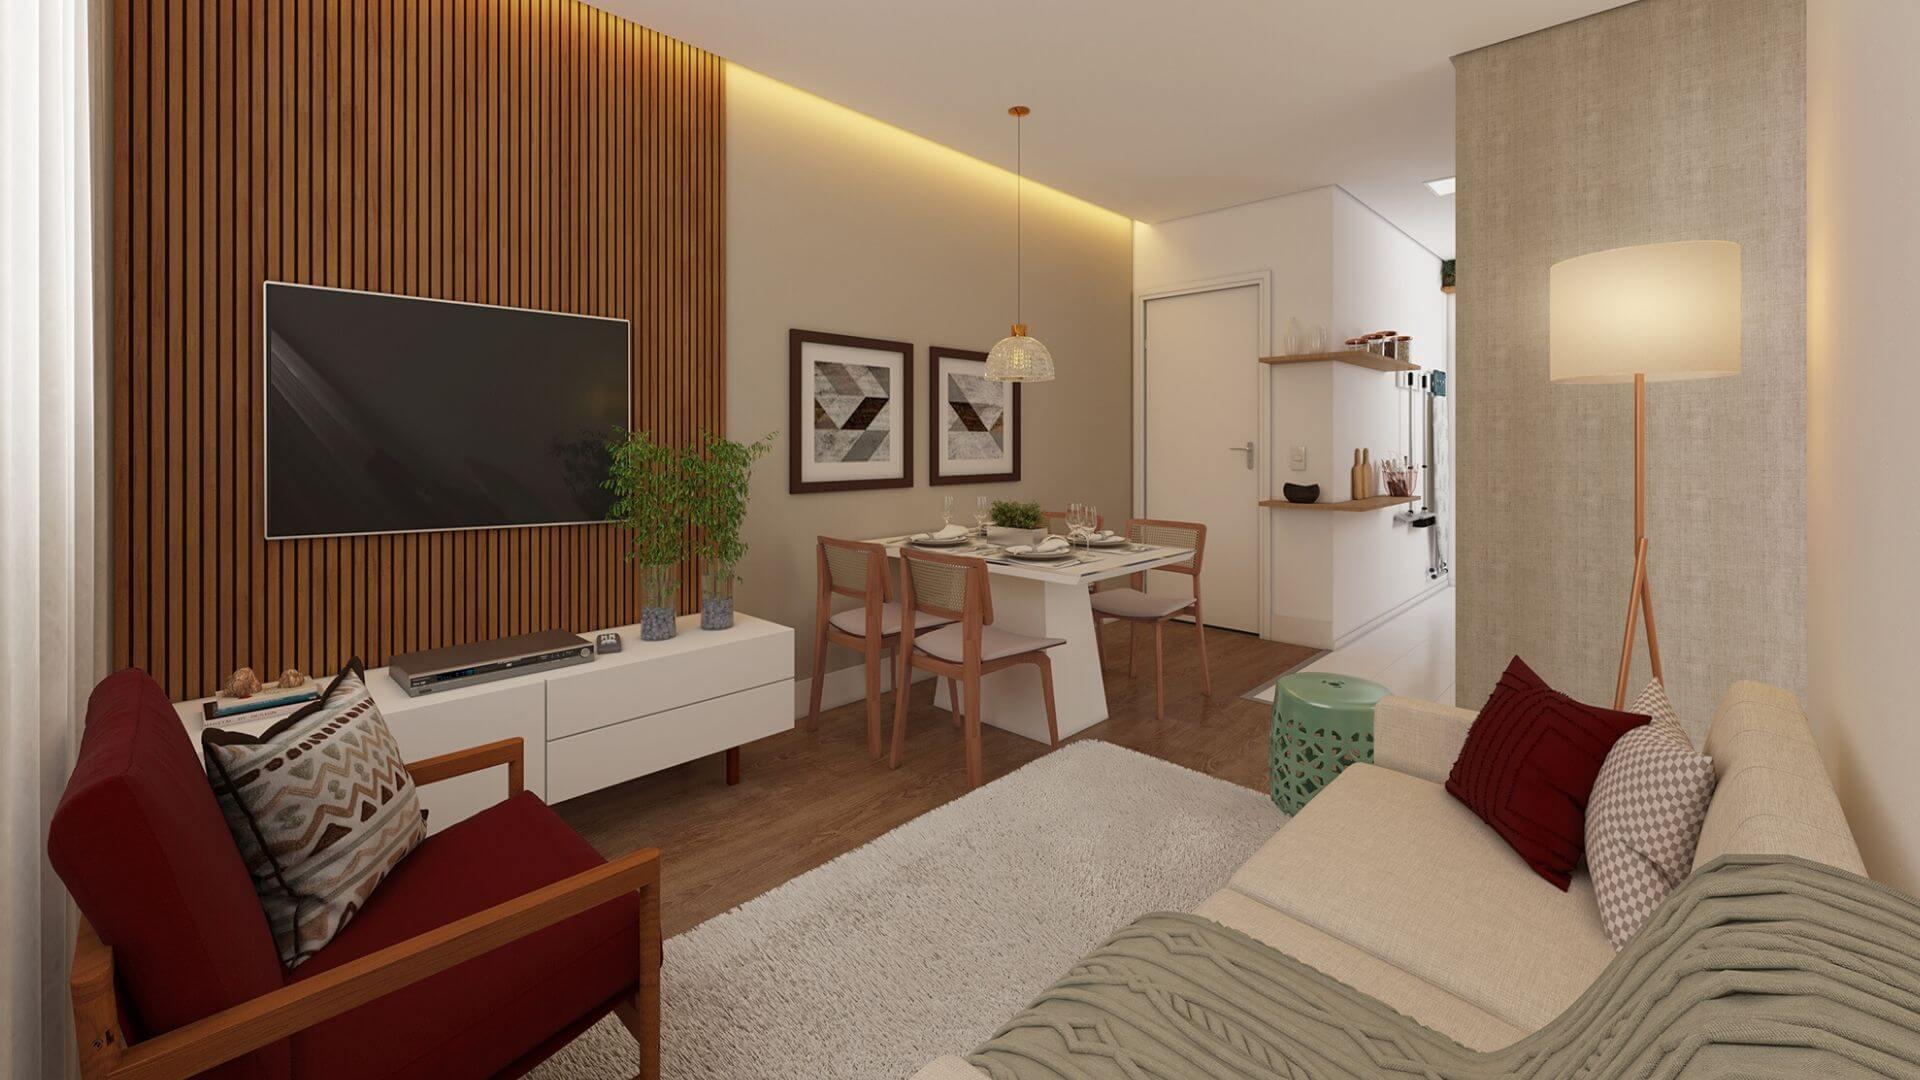 Apartamento à venda em Vila Pitaguary | Maracanaú | CE | foto 10 | tenda.com